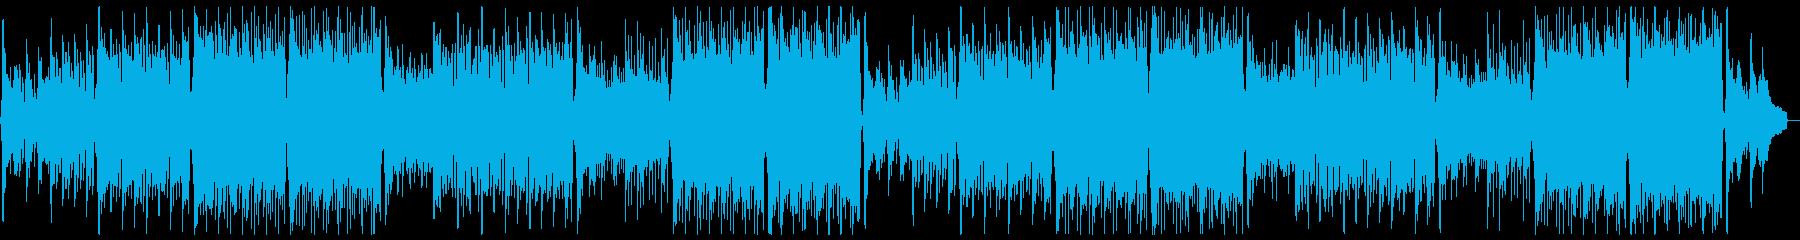 明るく前向きなトロピカルハウス:フルx2の再生済みの波形